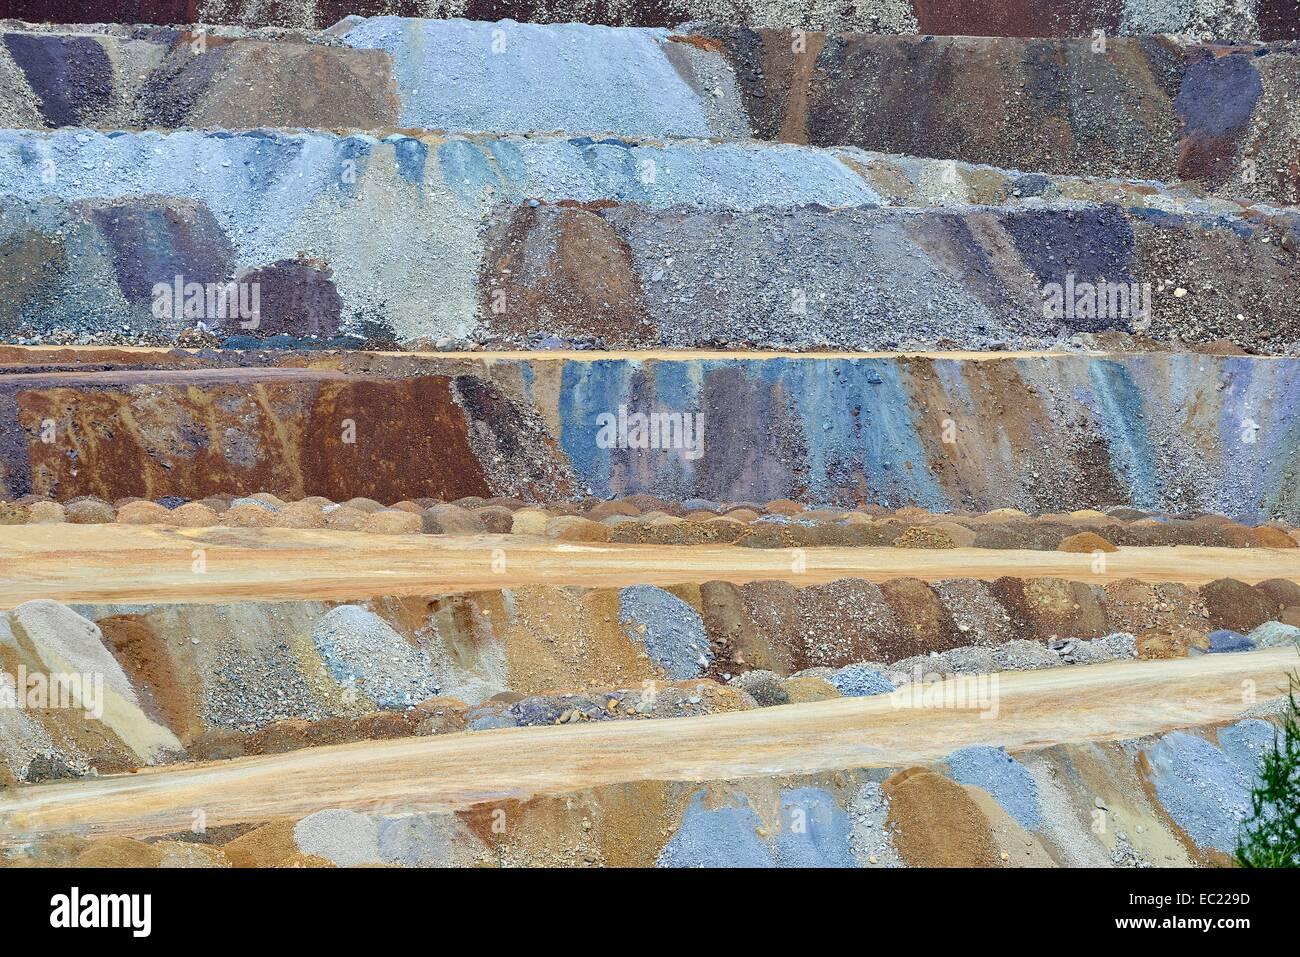 Ore mining, surface mining, Erzberg mountain at Eisenerz, Styria, Austria - Stock Image